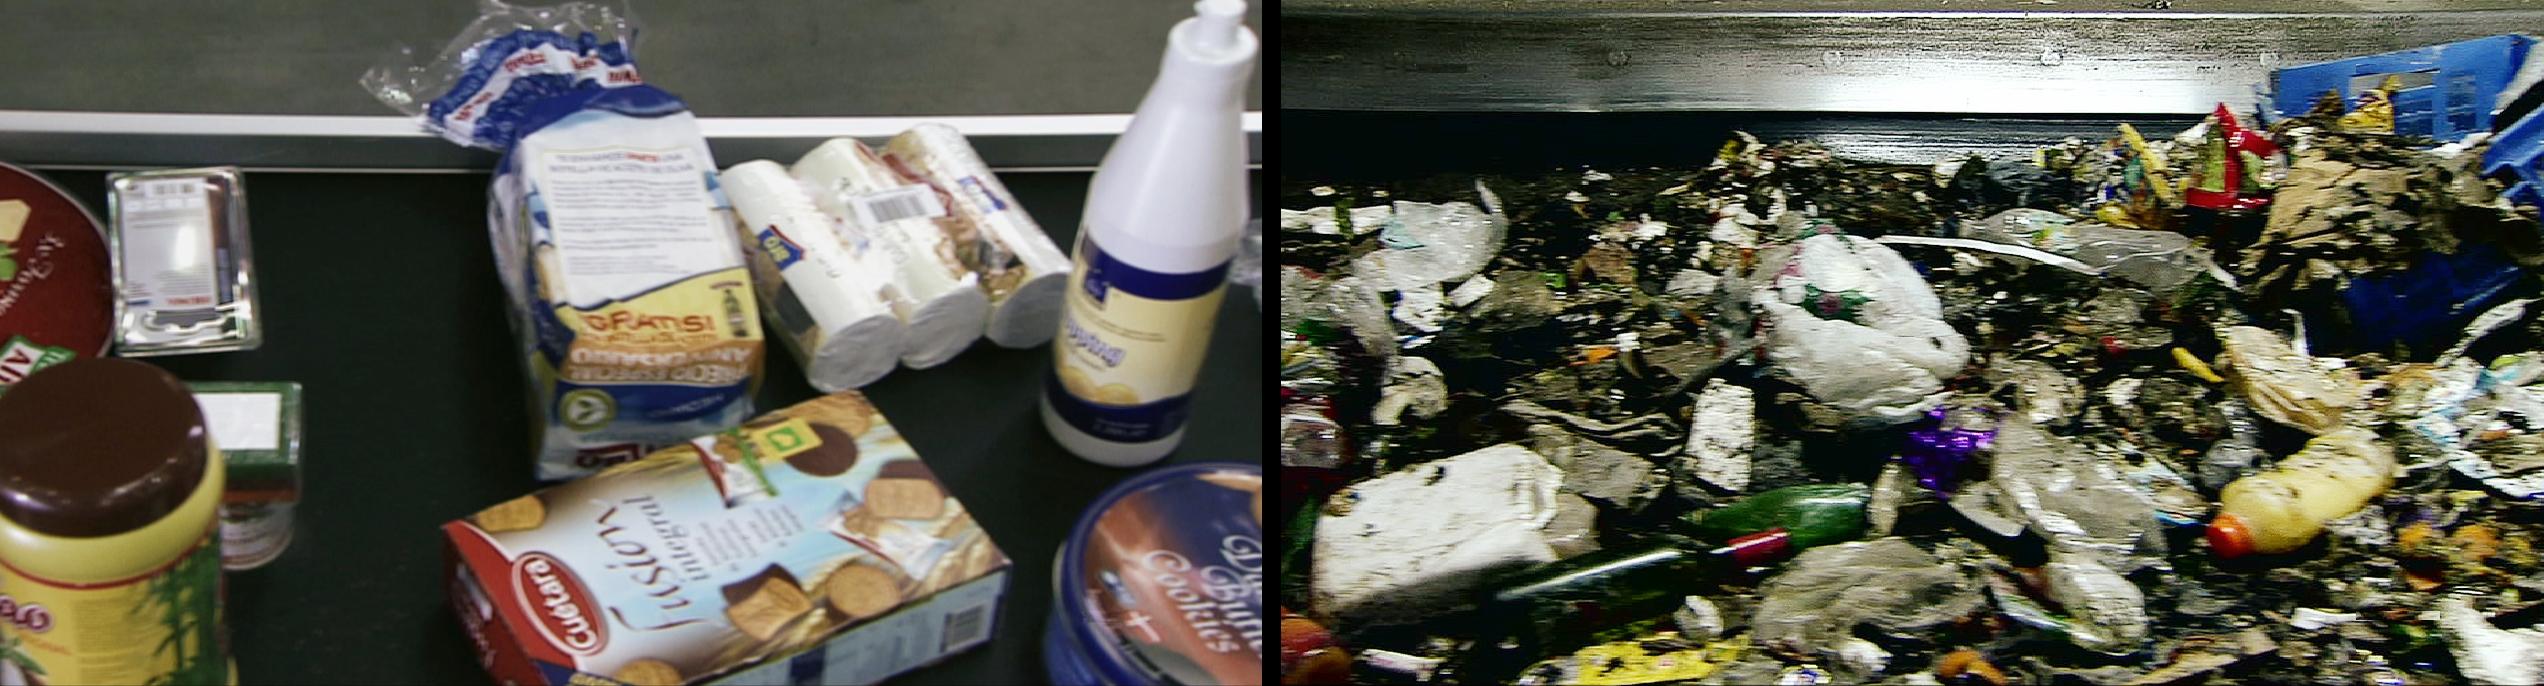 Basurama. Chainwork (2009). Vídeo-Díptico. 04'48'' en bucle. (Montaje de dos fotogramas del vídeo-díptico de las cintas de supermercado y planta de reciclaje).